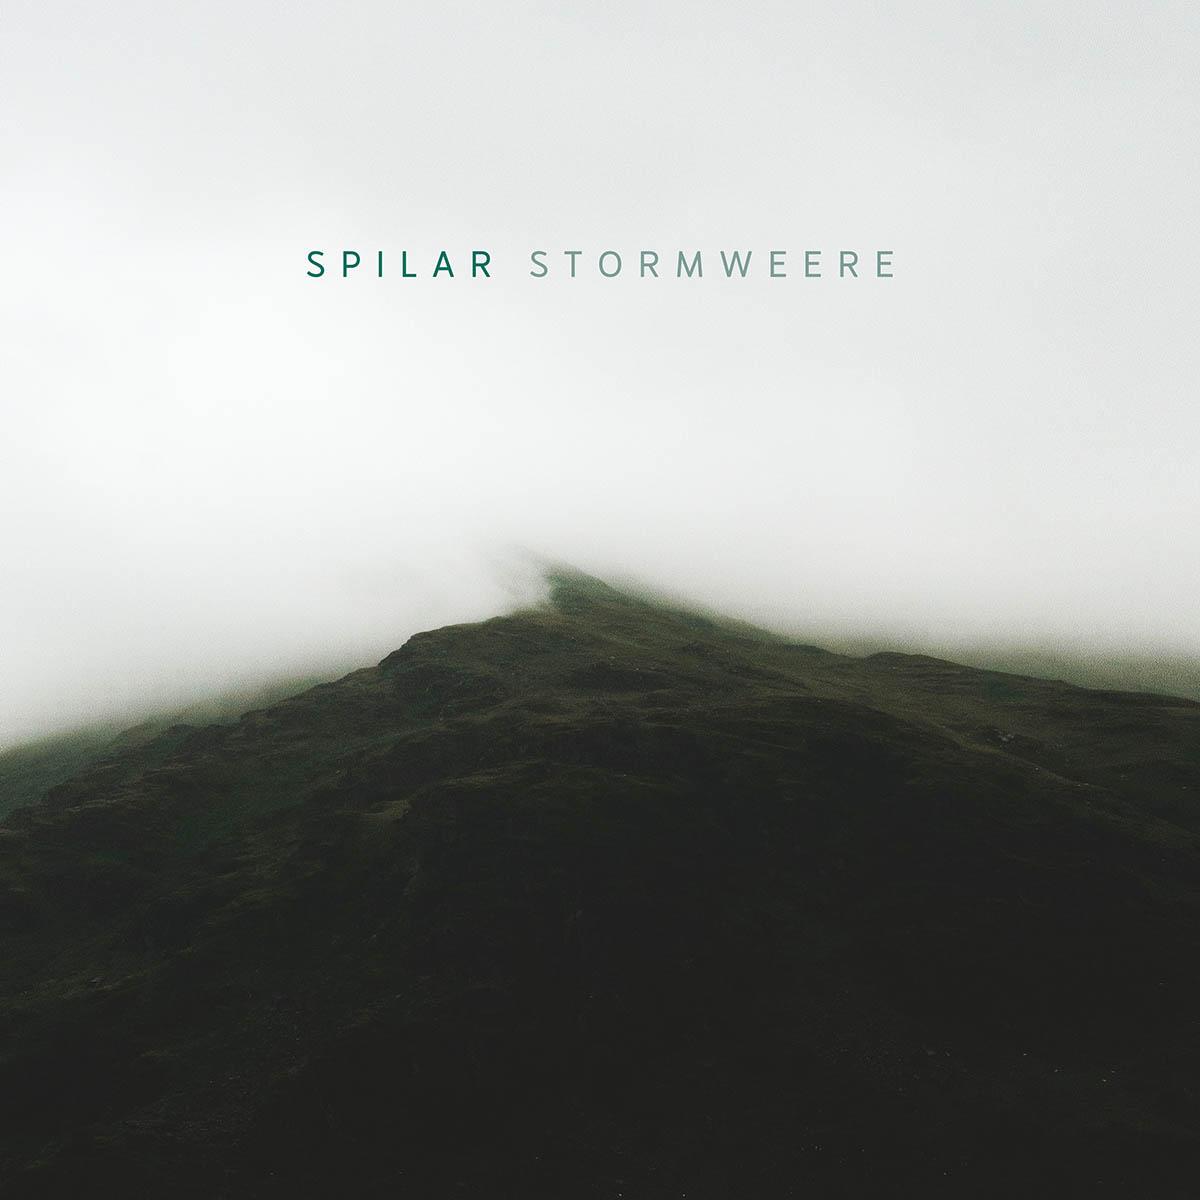 Stormweere Image